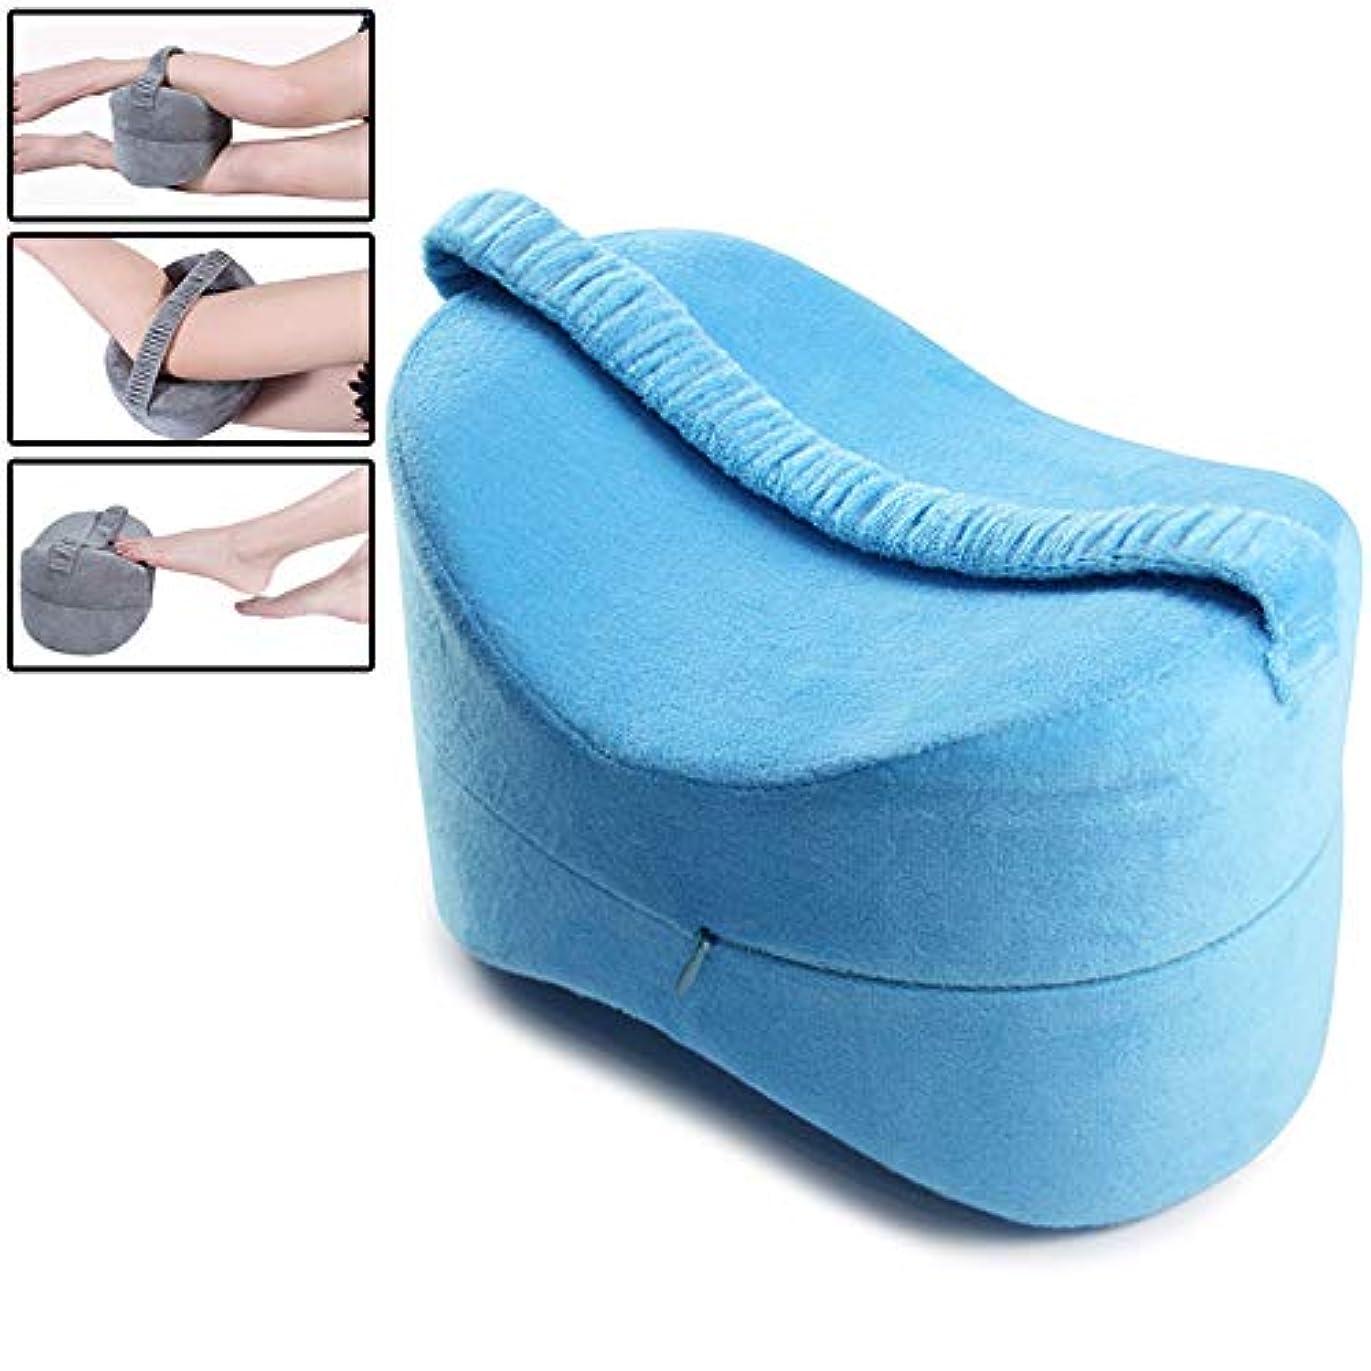 ピカリングアレルギー性トリム床ずれ防止、妊娠、腰、足の疲労軽減のための膝枕-調節可能なストラップ付きメモリフォームウェッジ輪郭枕,Blue